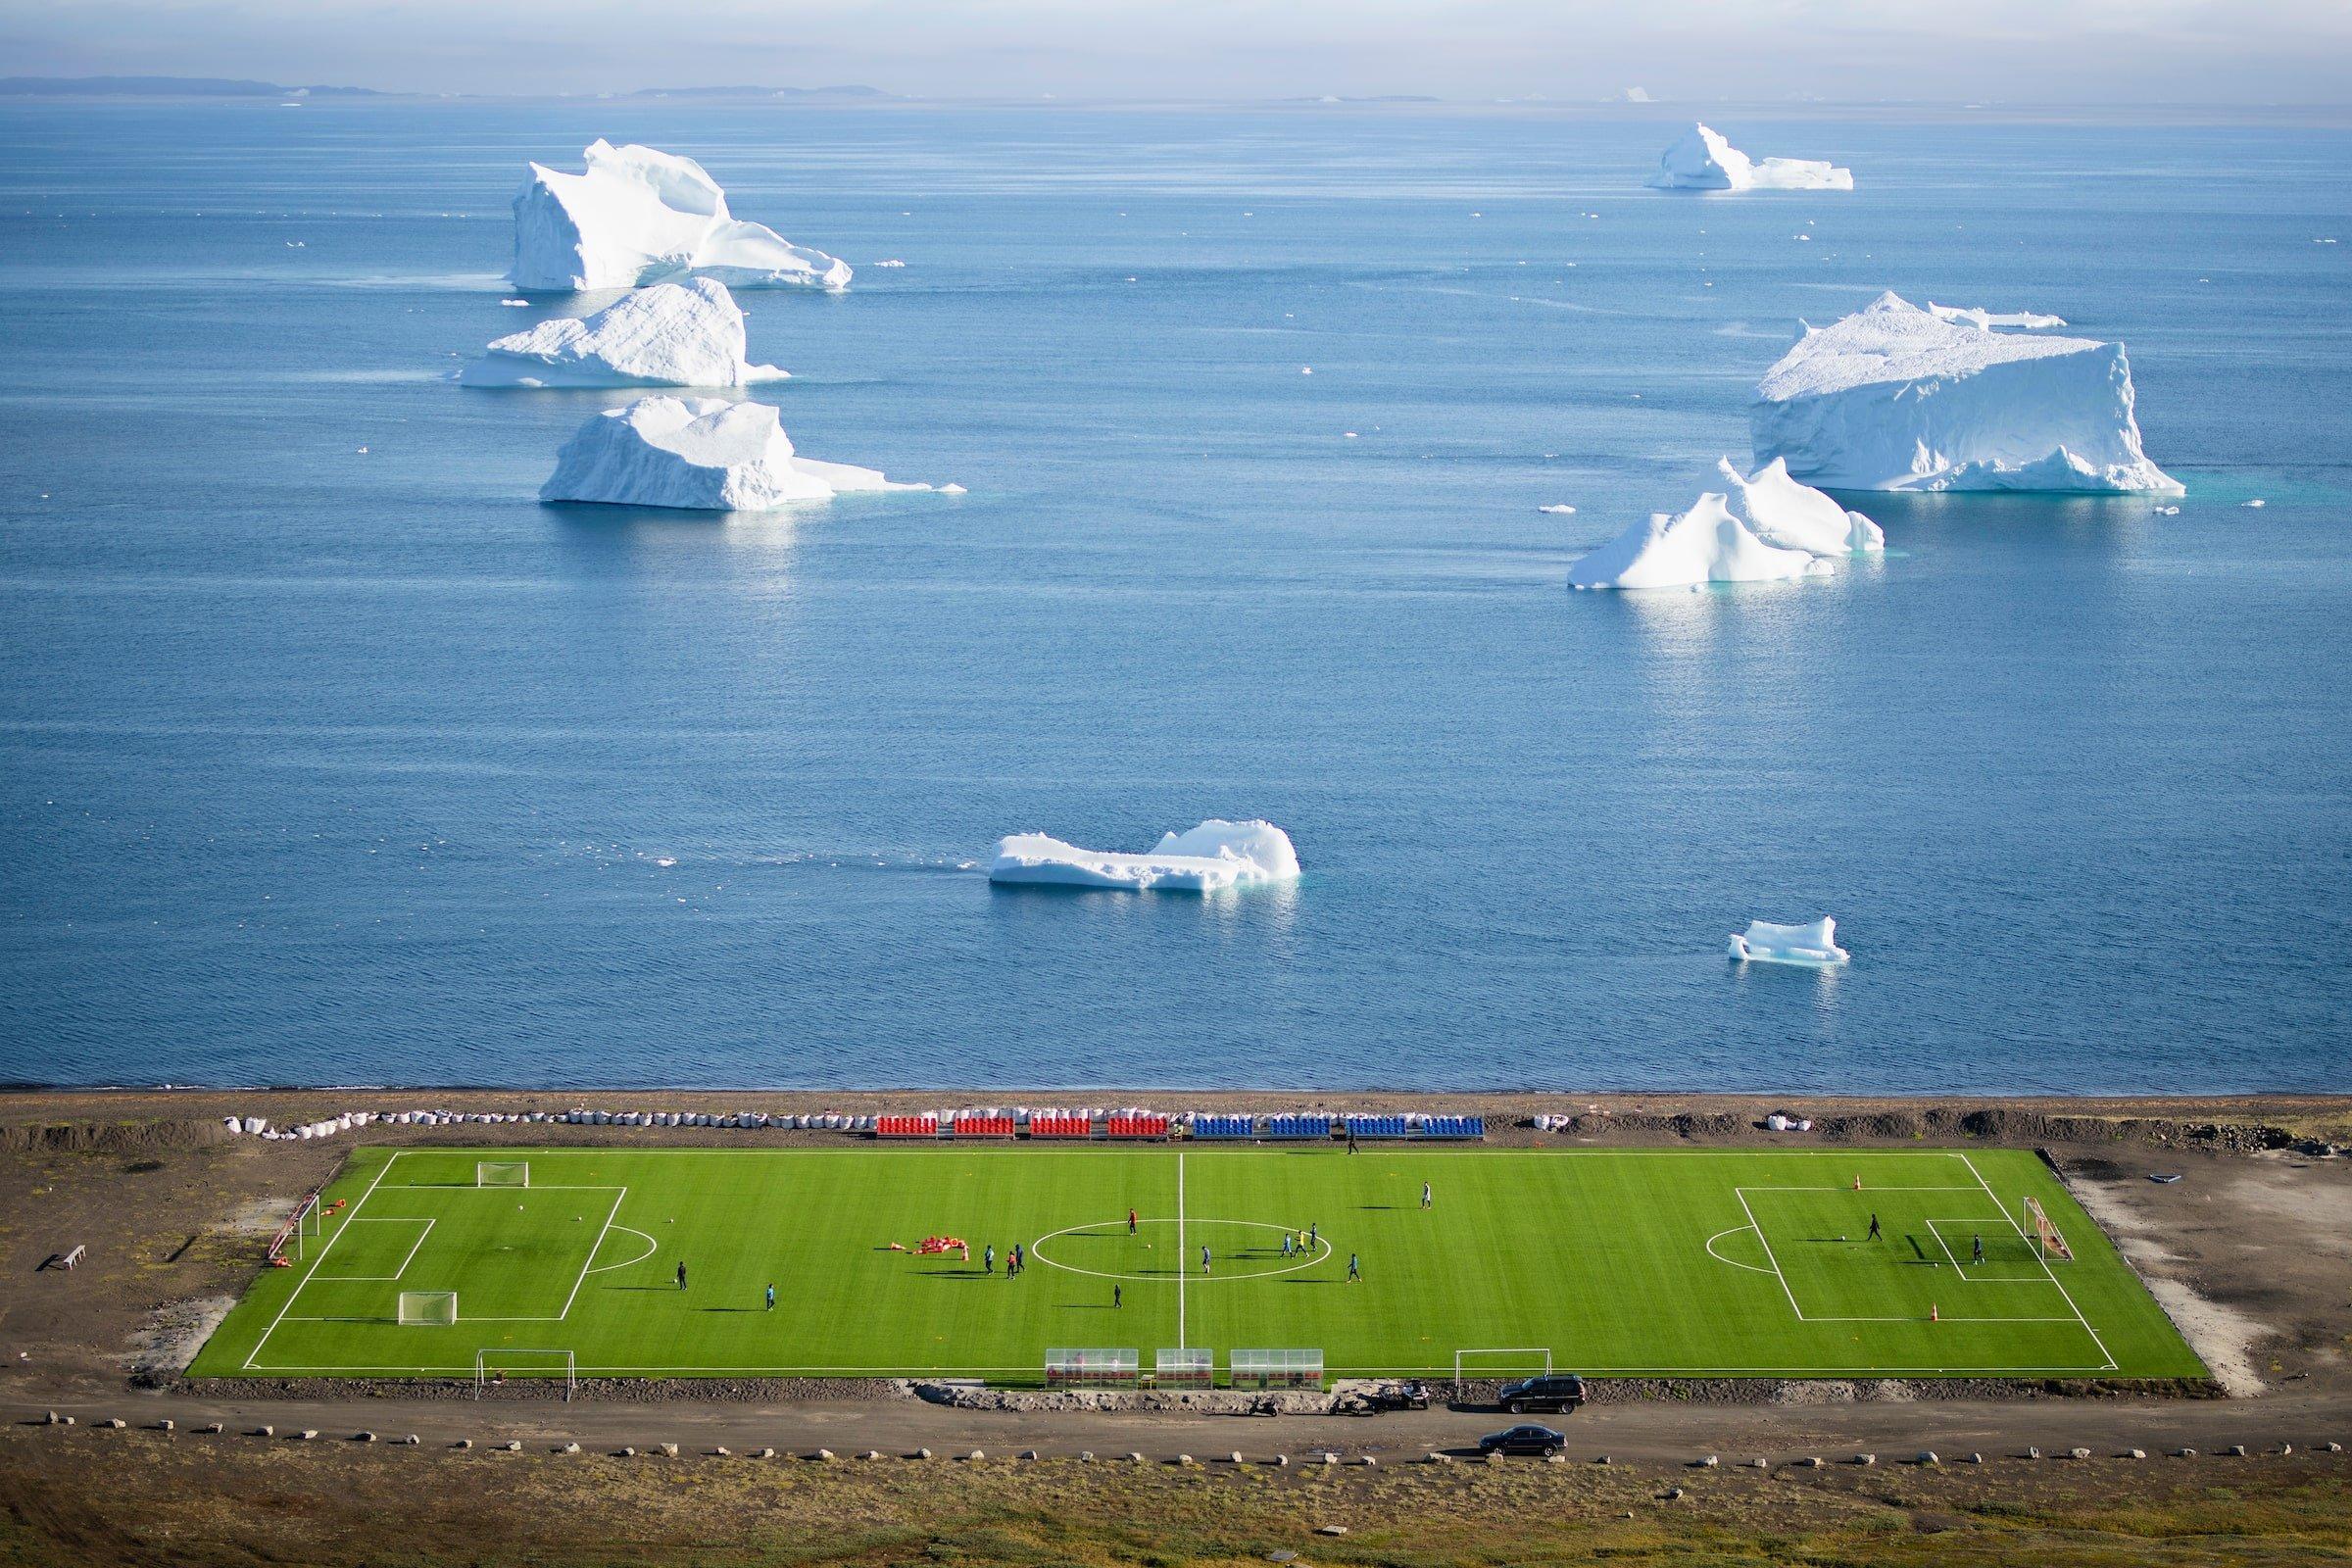 Football Field Aerial, Qeqertarsuaq. Aningaaq Rosing Carlsen - Visit Greenland